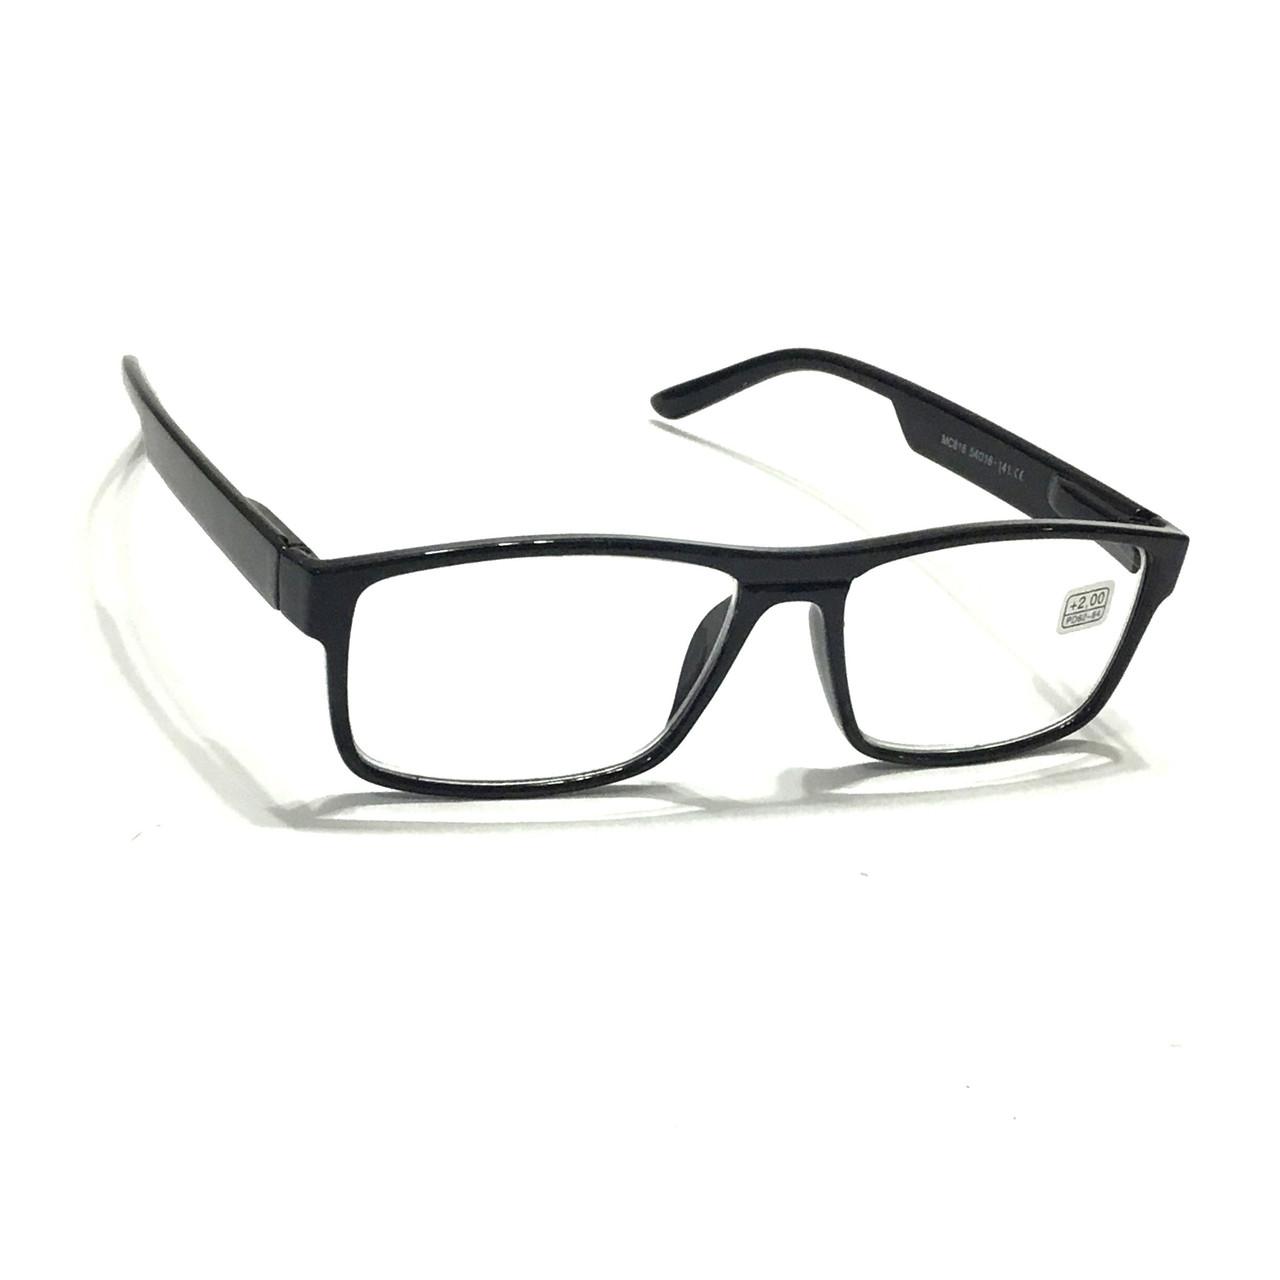 Очки корригирующие в пластмассовой оправе